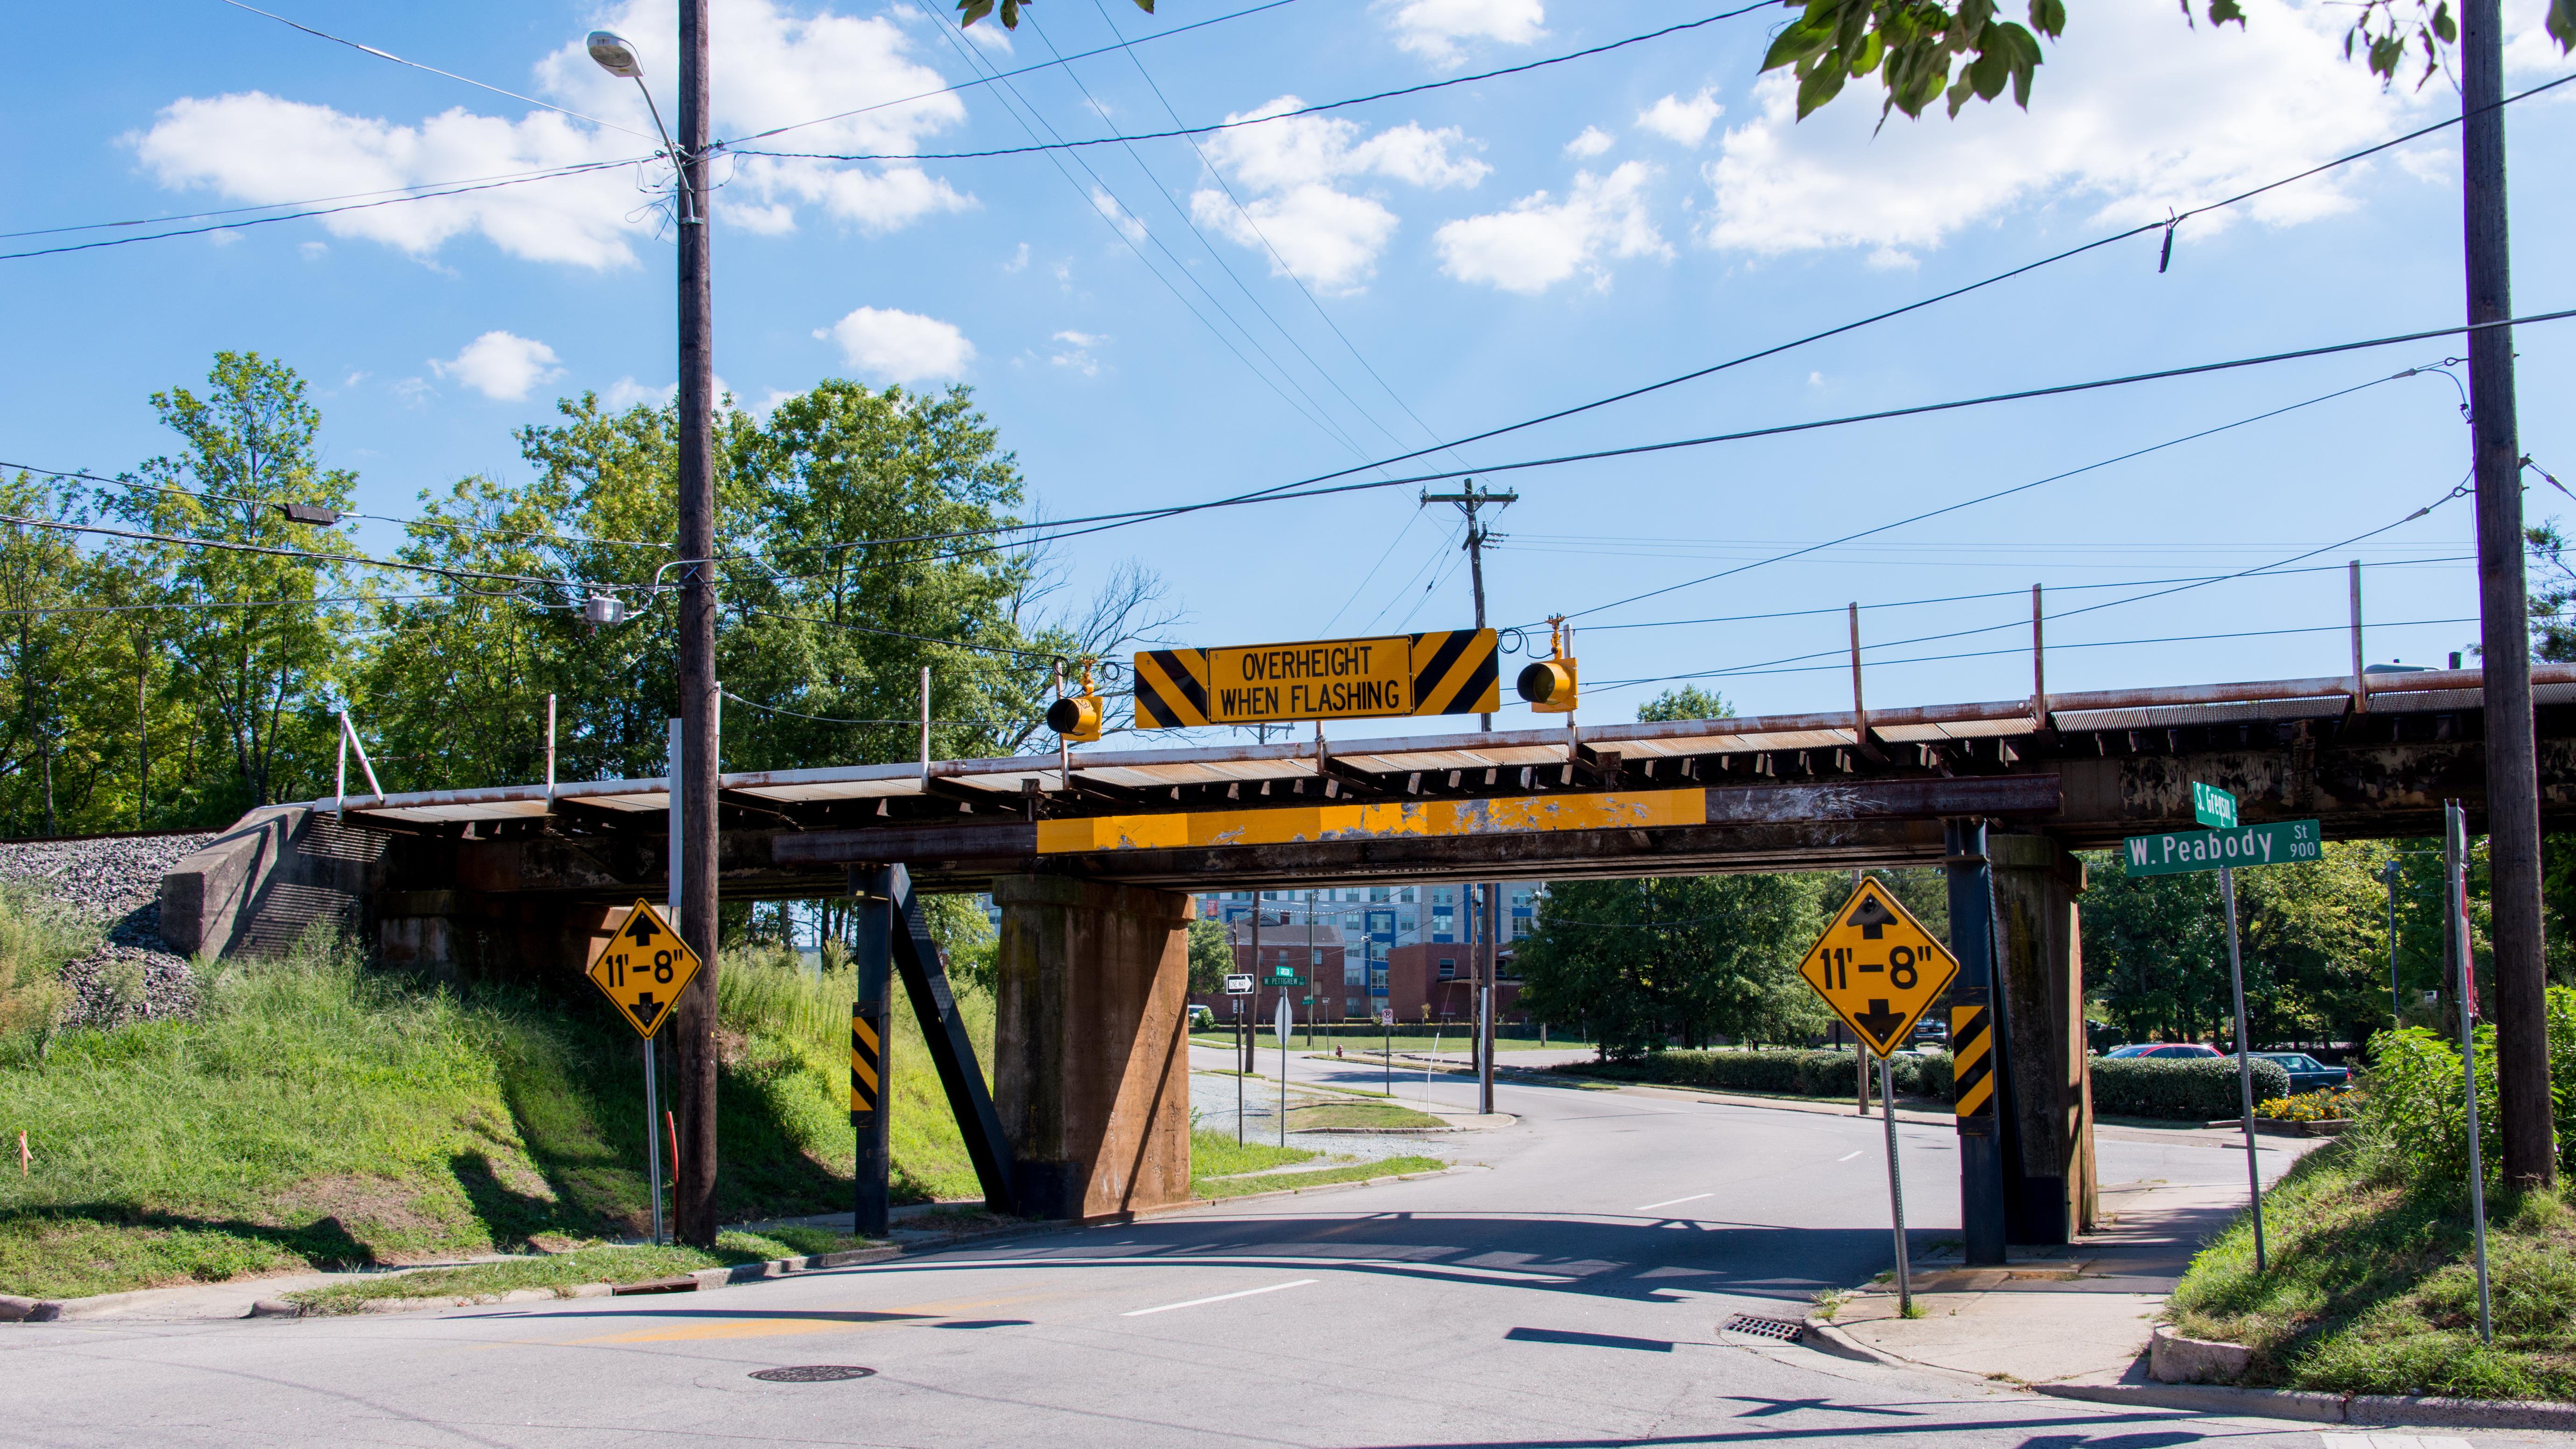 11 foot 8 Bridge - Wikipedia